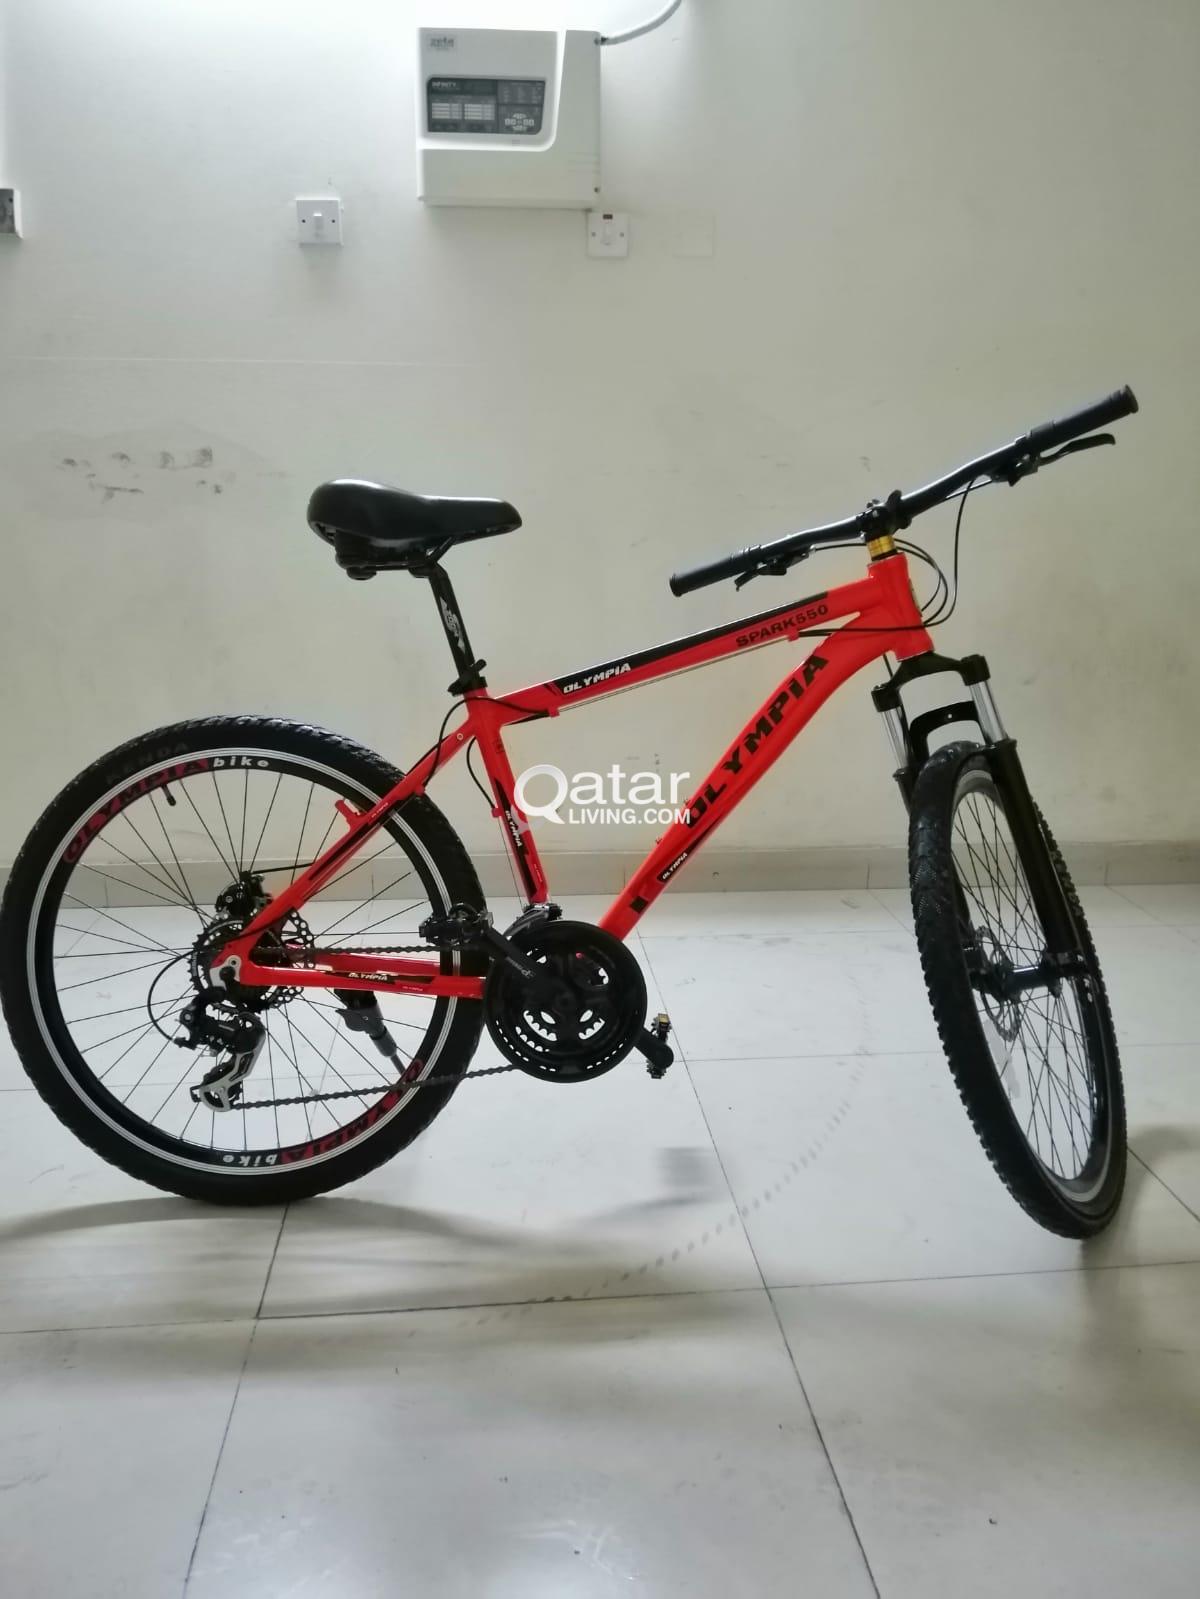 956dbb3c376 bike aluminium 26 | Qatar Living